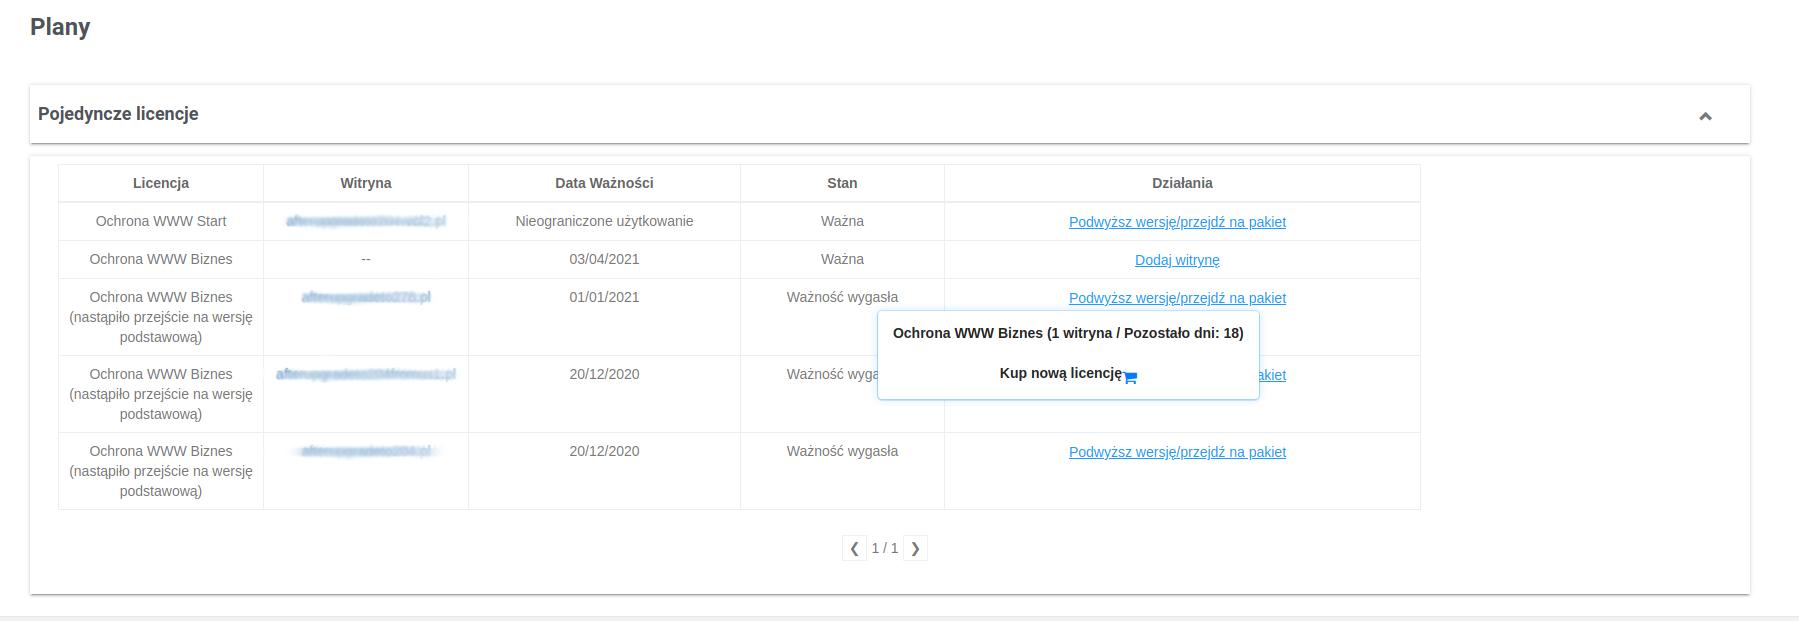 W panelu usługi ochrona WWW możesz dokonać zmiany pakietu na wyższy